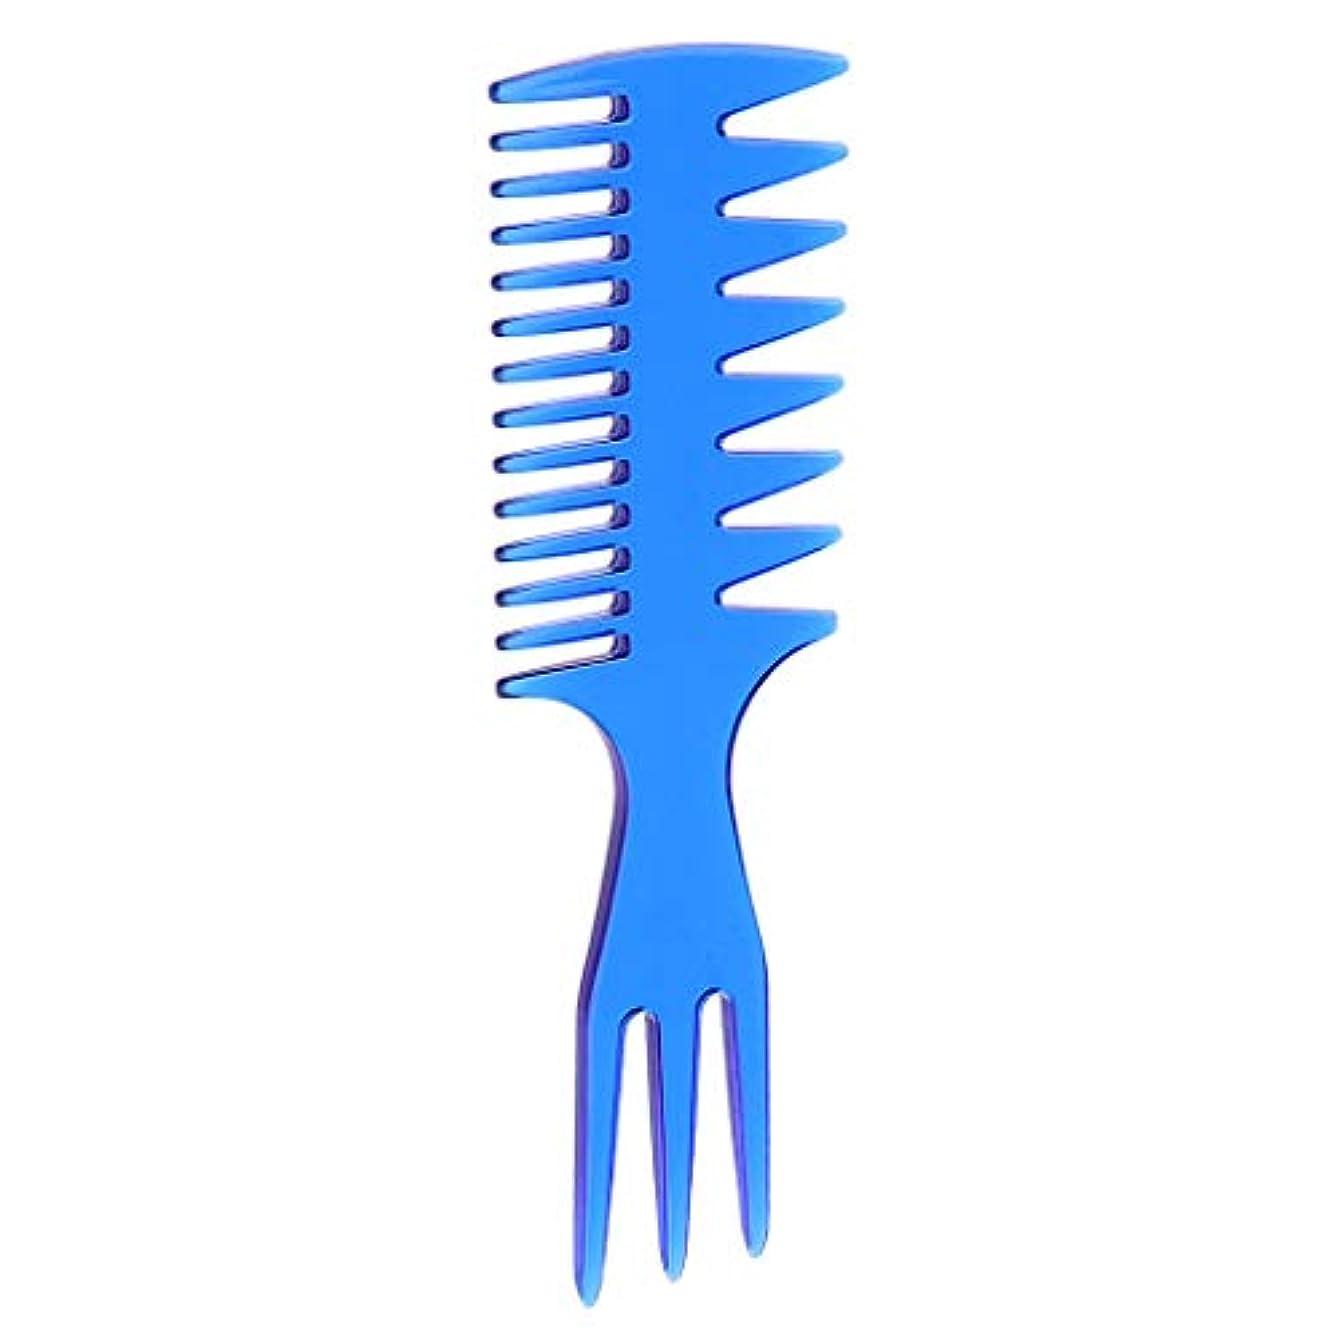 征服する余暇寛容なヘアダイコーム ヘアブラシ 櫛 ヘアコーム 広い歯コーム 美容サロン 家庭用 用品 3 In 1